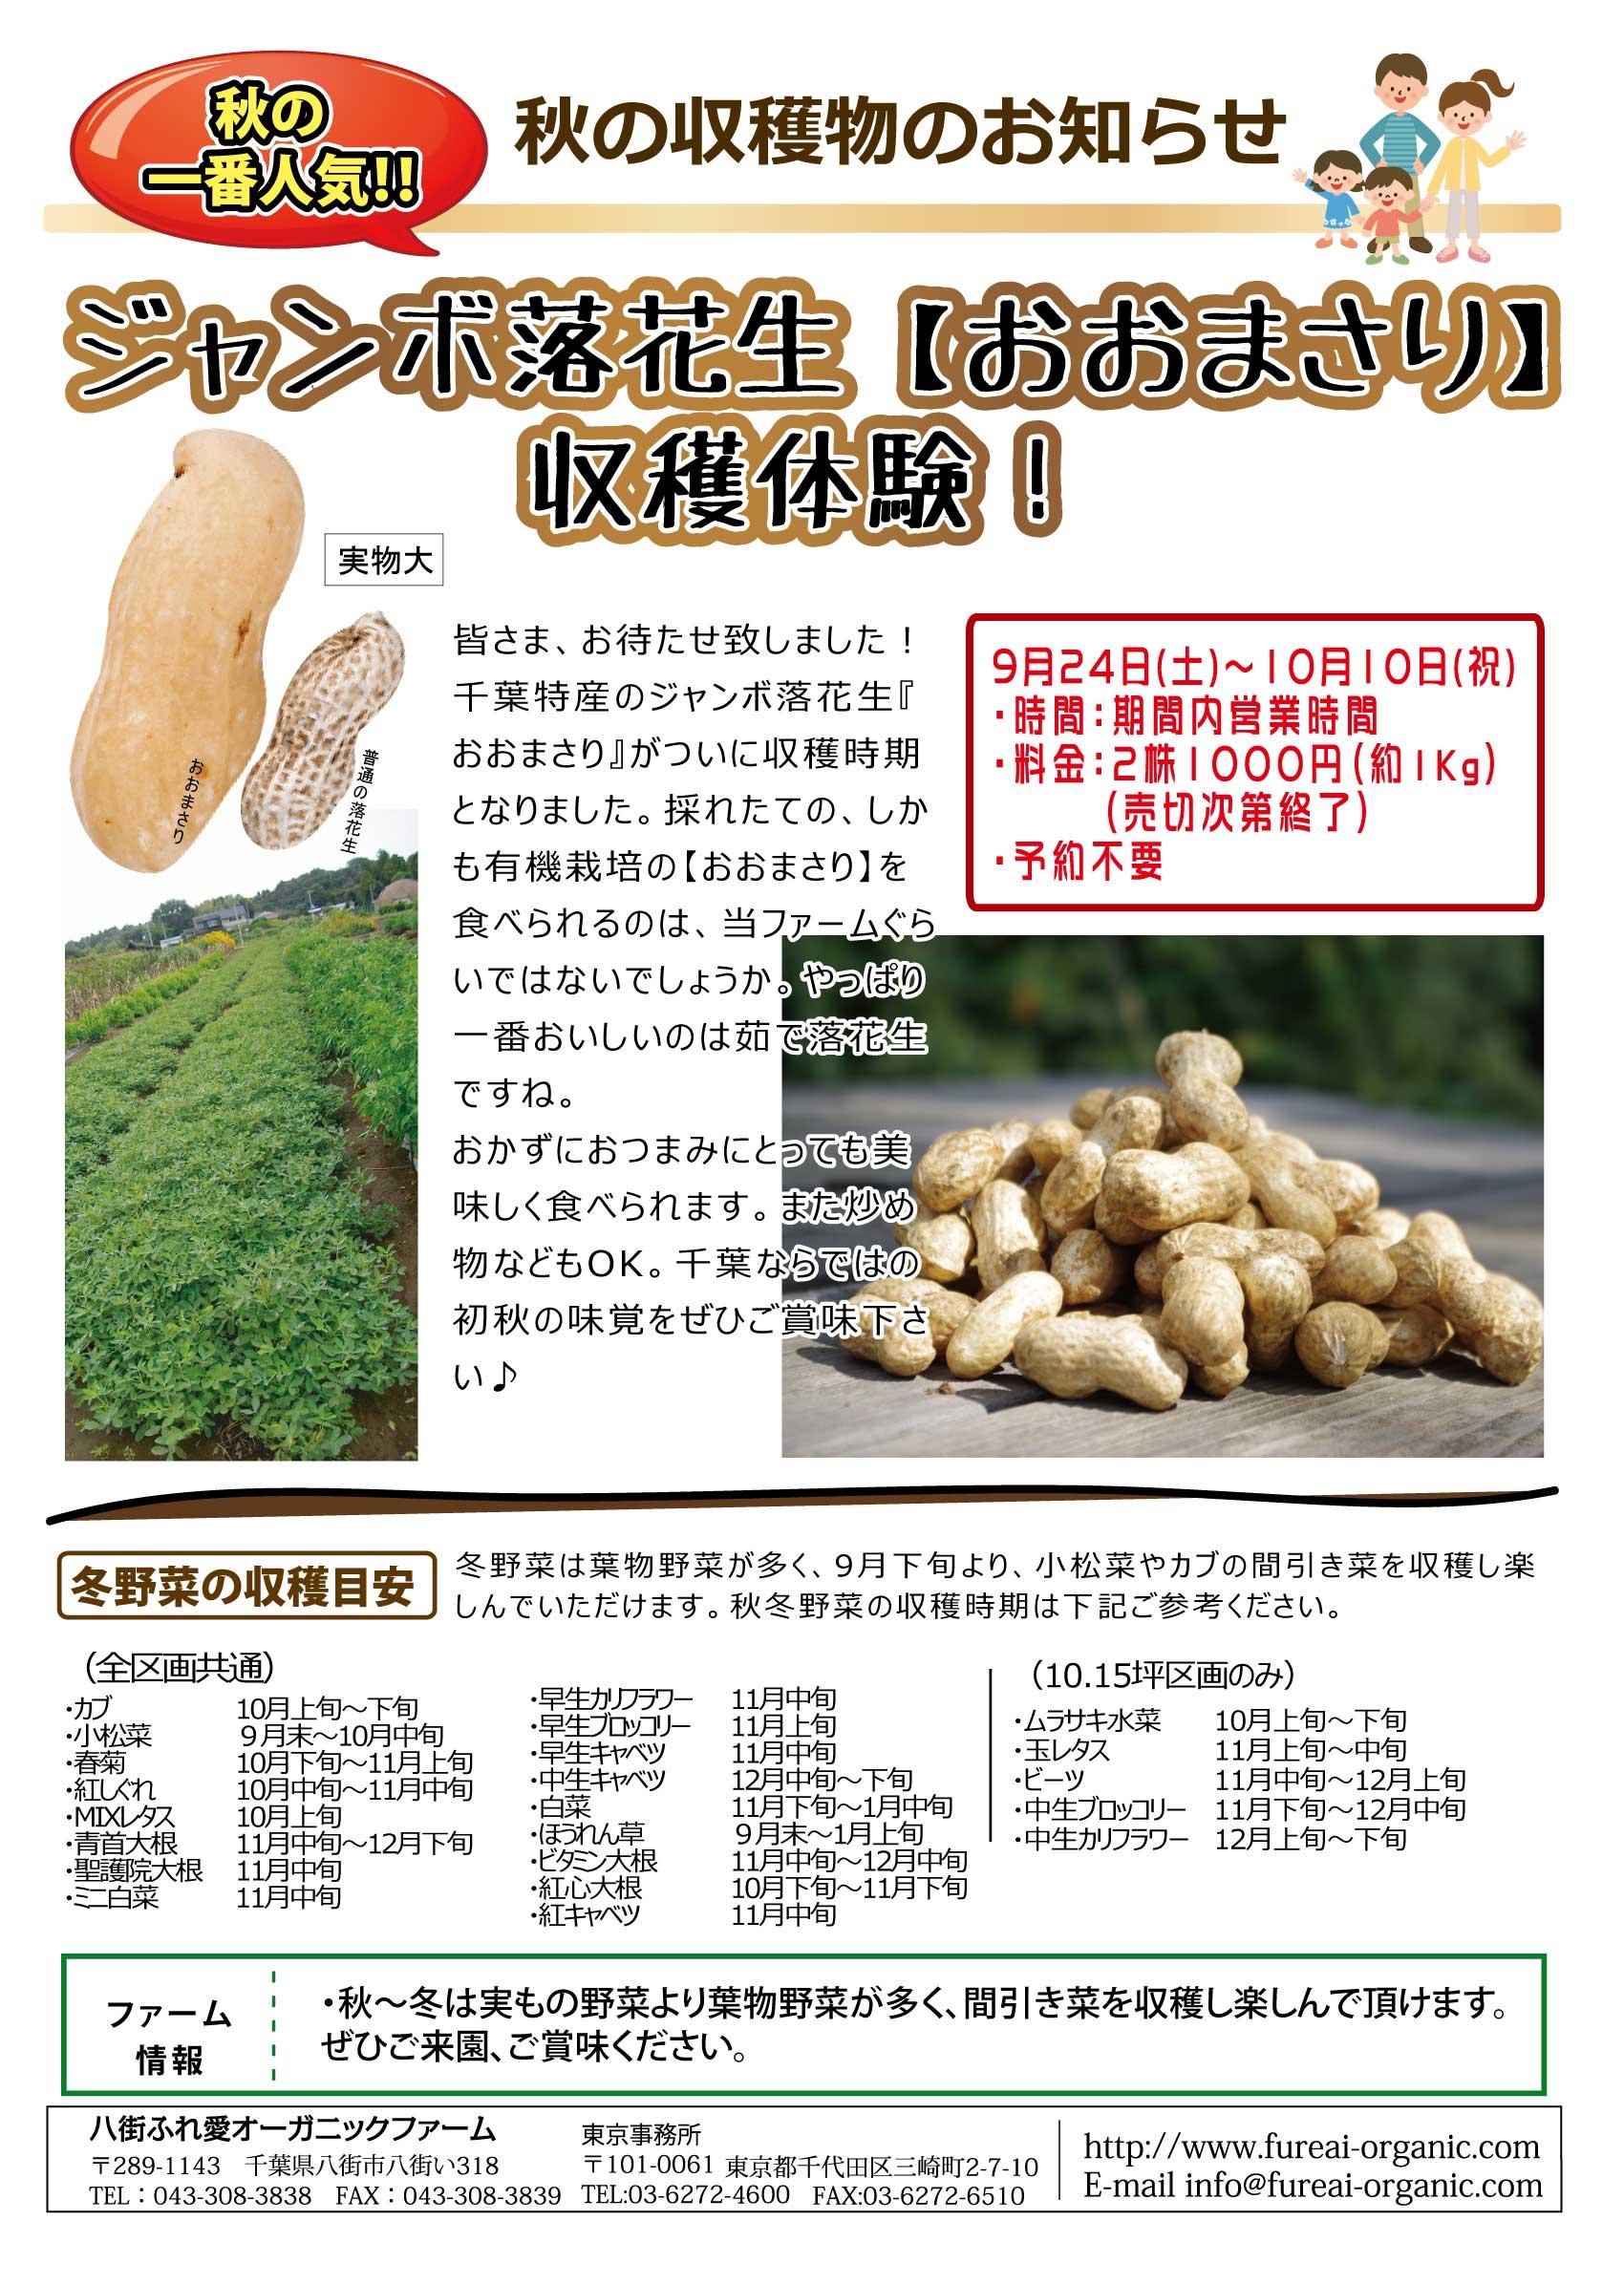 秋の収穫物のお知らせ じゃんぼ落花生【おおまさり】収穫体験!